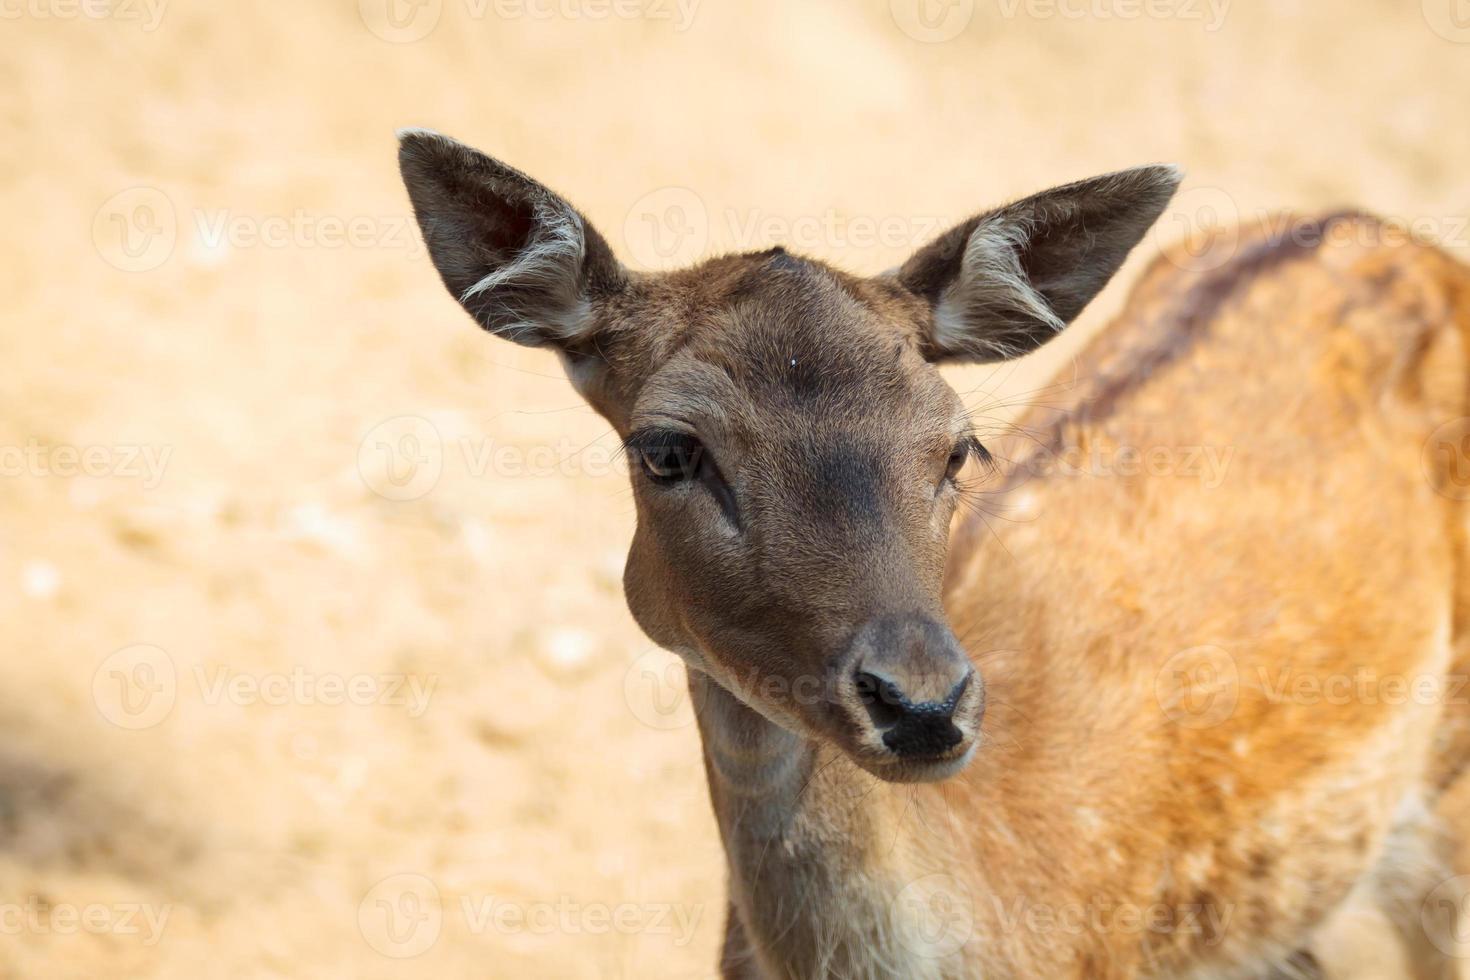 piccolo cervo nel parco nazionale di thassos. foto